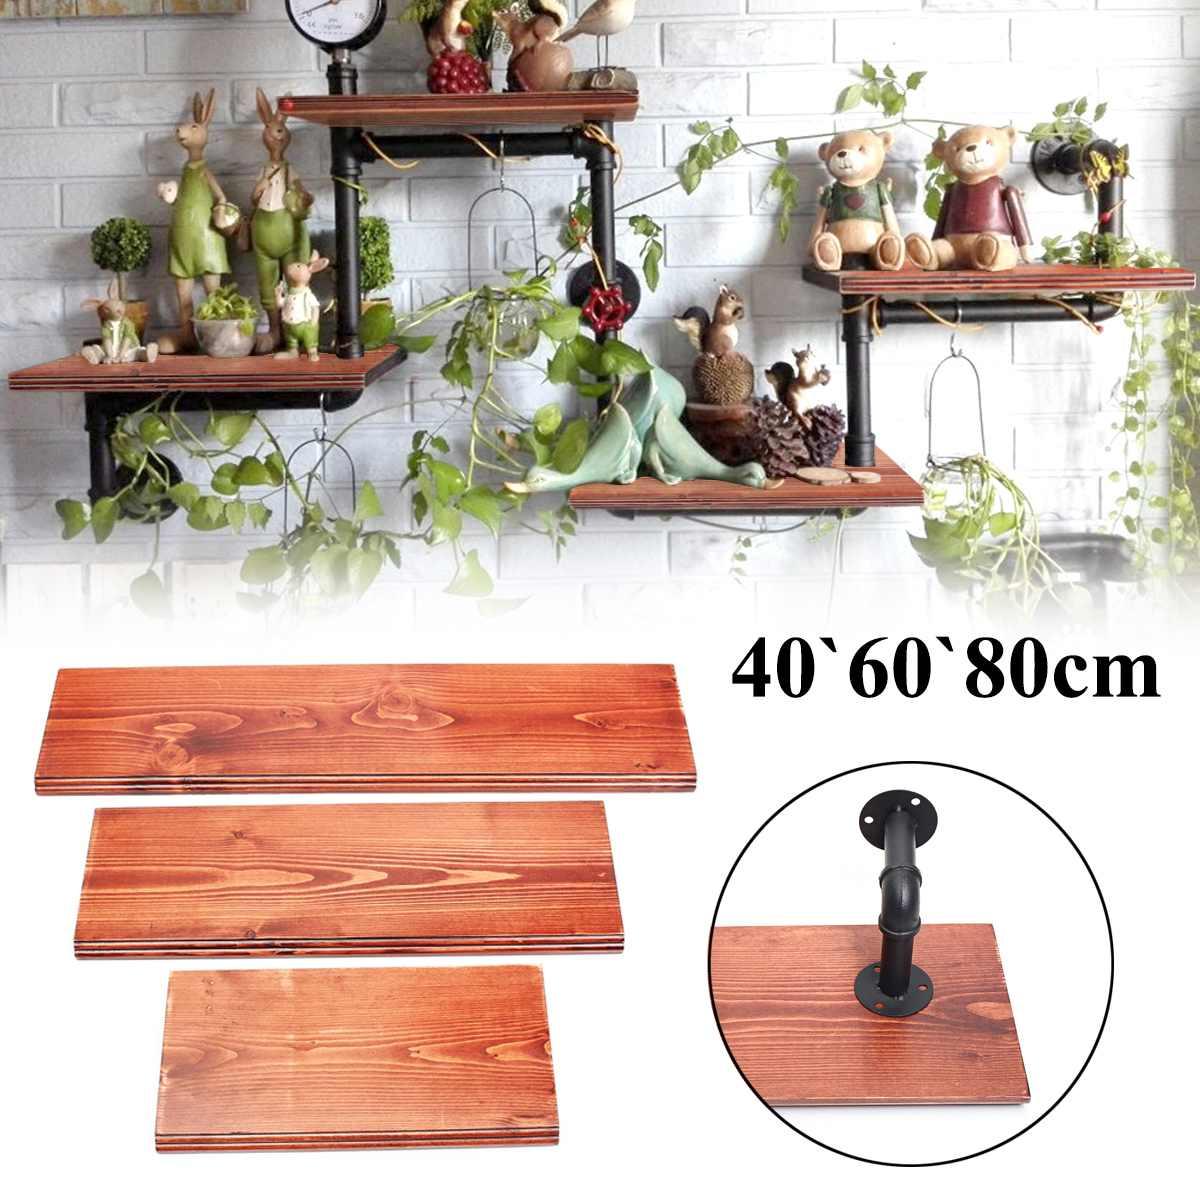 3 pièces Étagères Murales Vintage bois massif Conseil Panneau Plateau Kit 40 + 60 + 80 cm Étagère Avec 6 Fer tuyaux Support Mural pour décoration d'intérieur